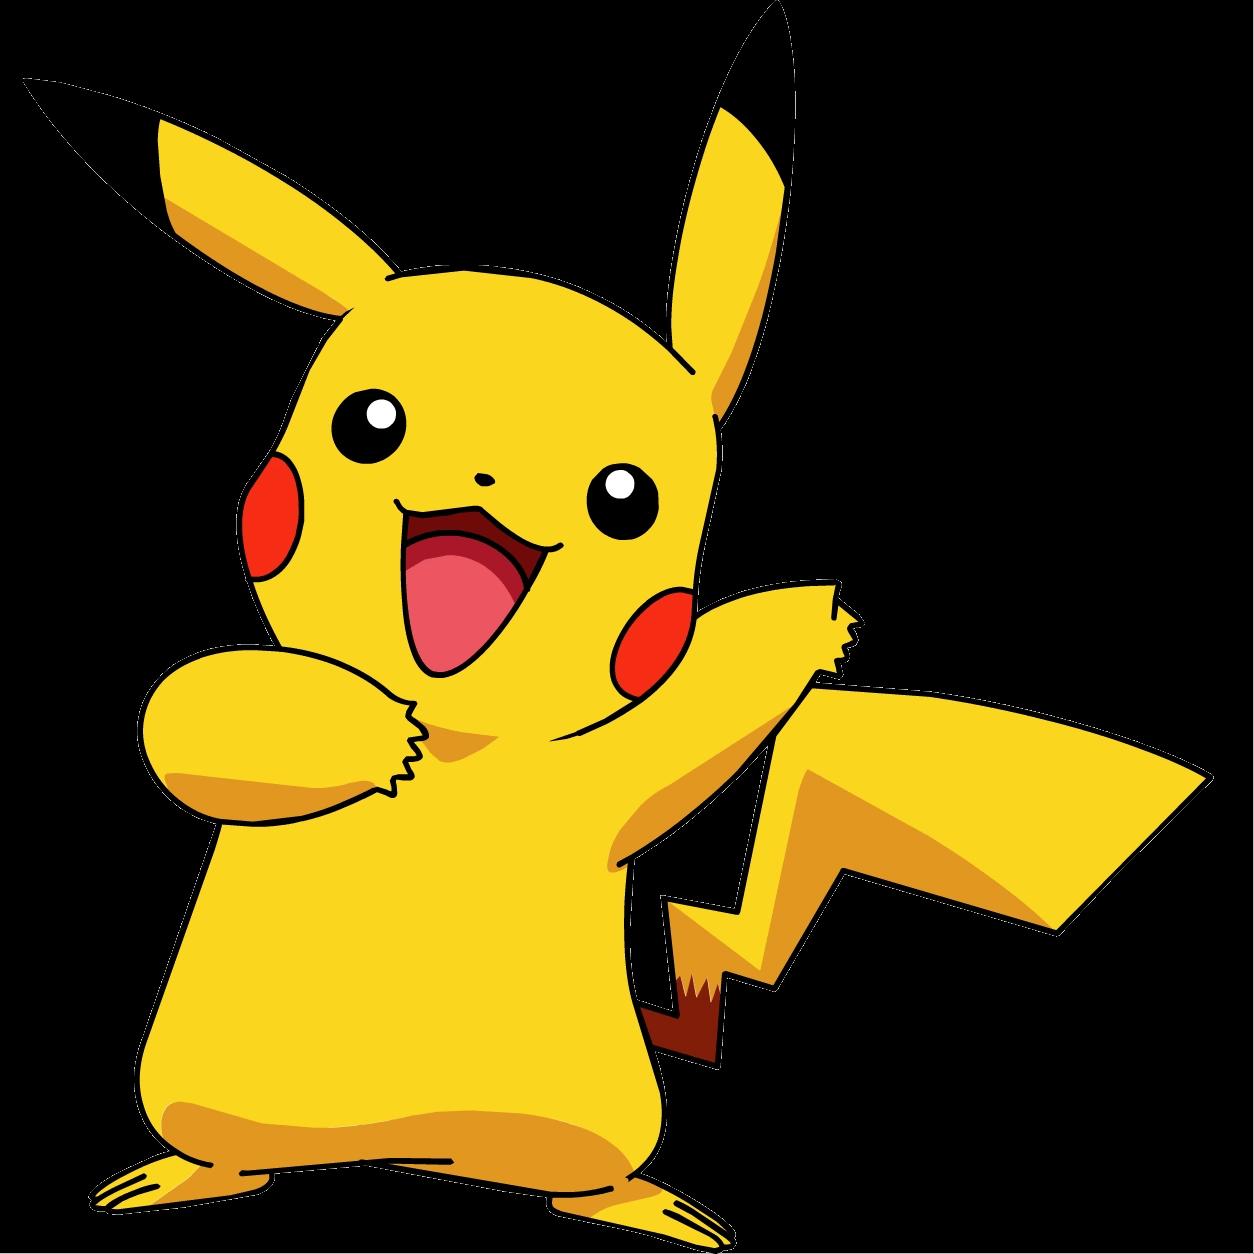 Pokemon Pikachu Png